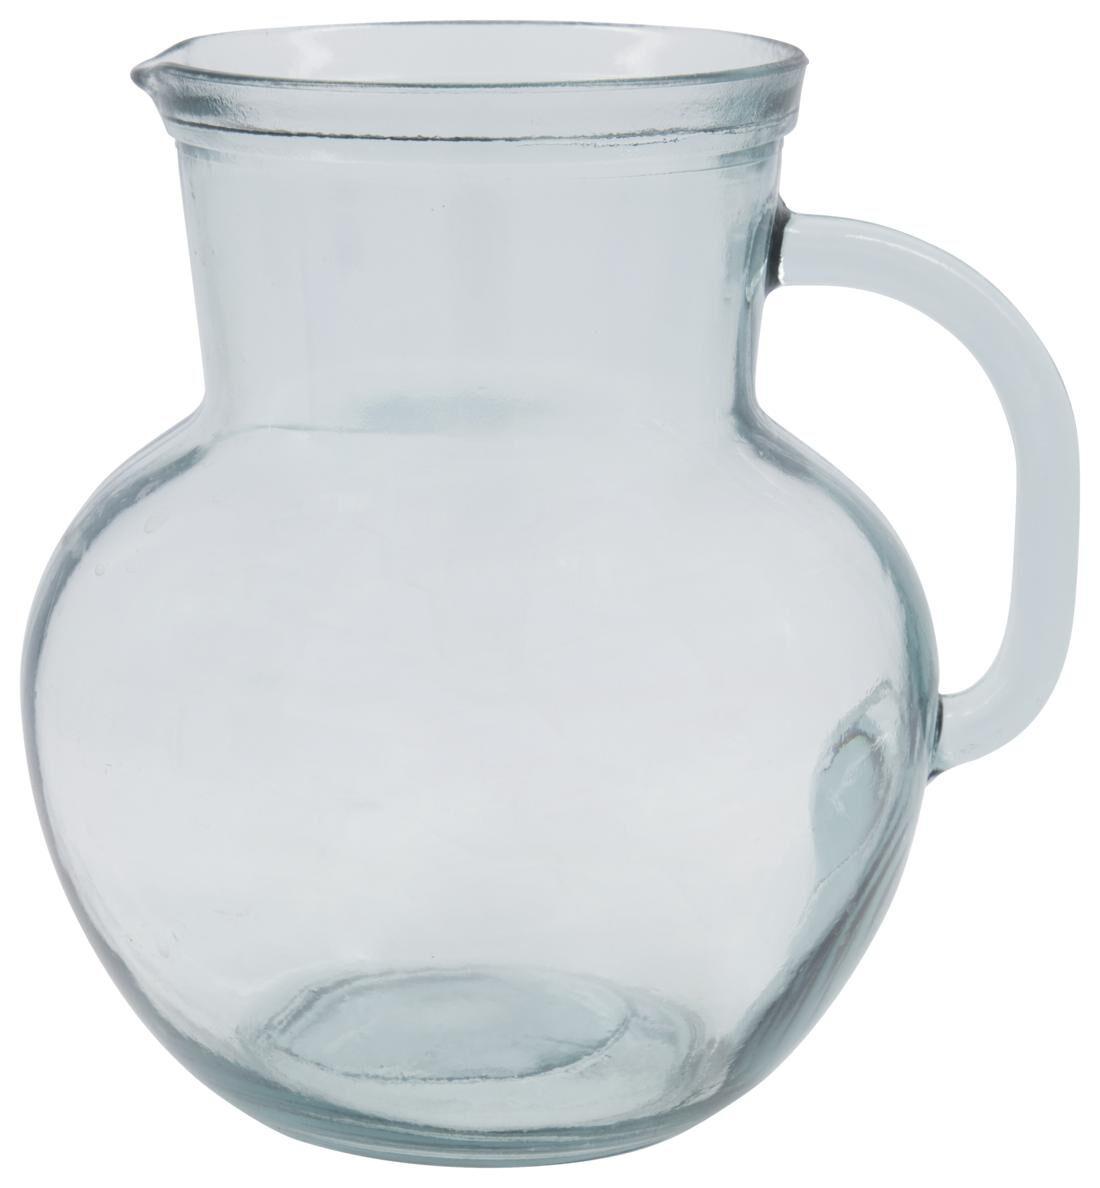 HEMA Karaf 1.3L Recycled Glas